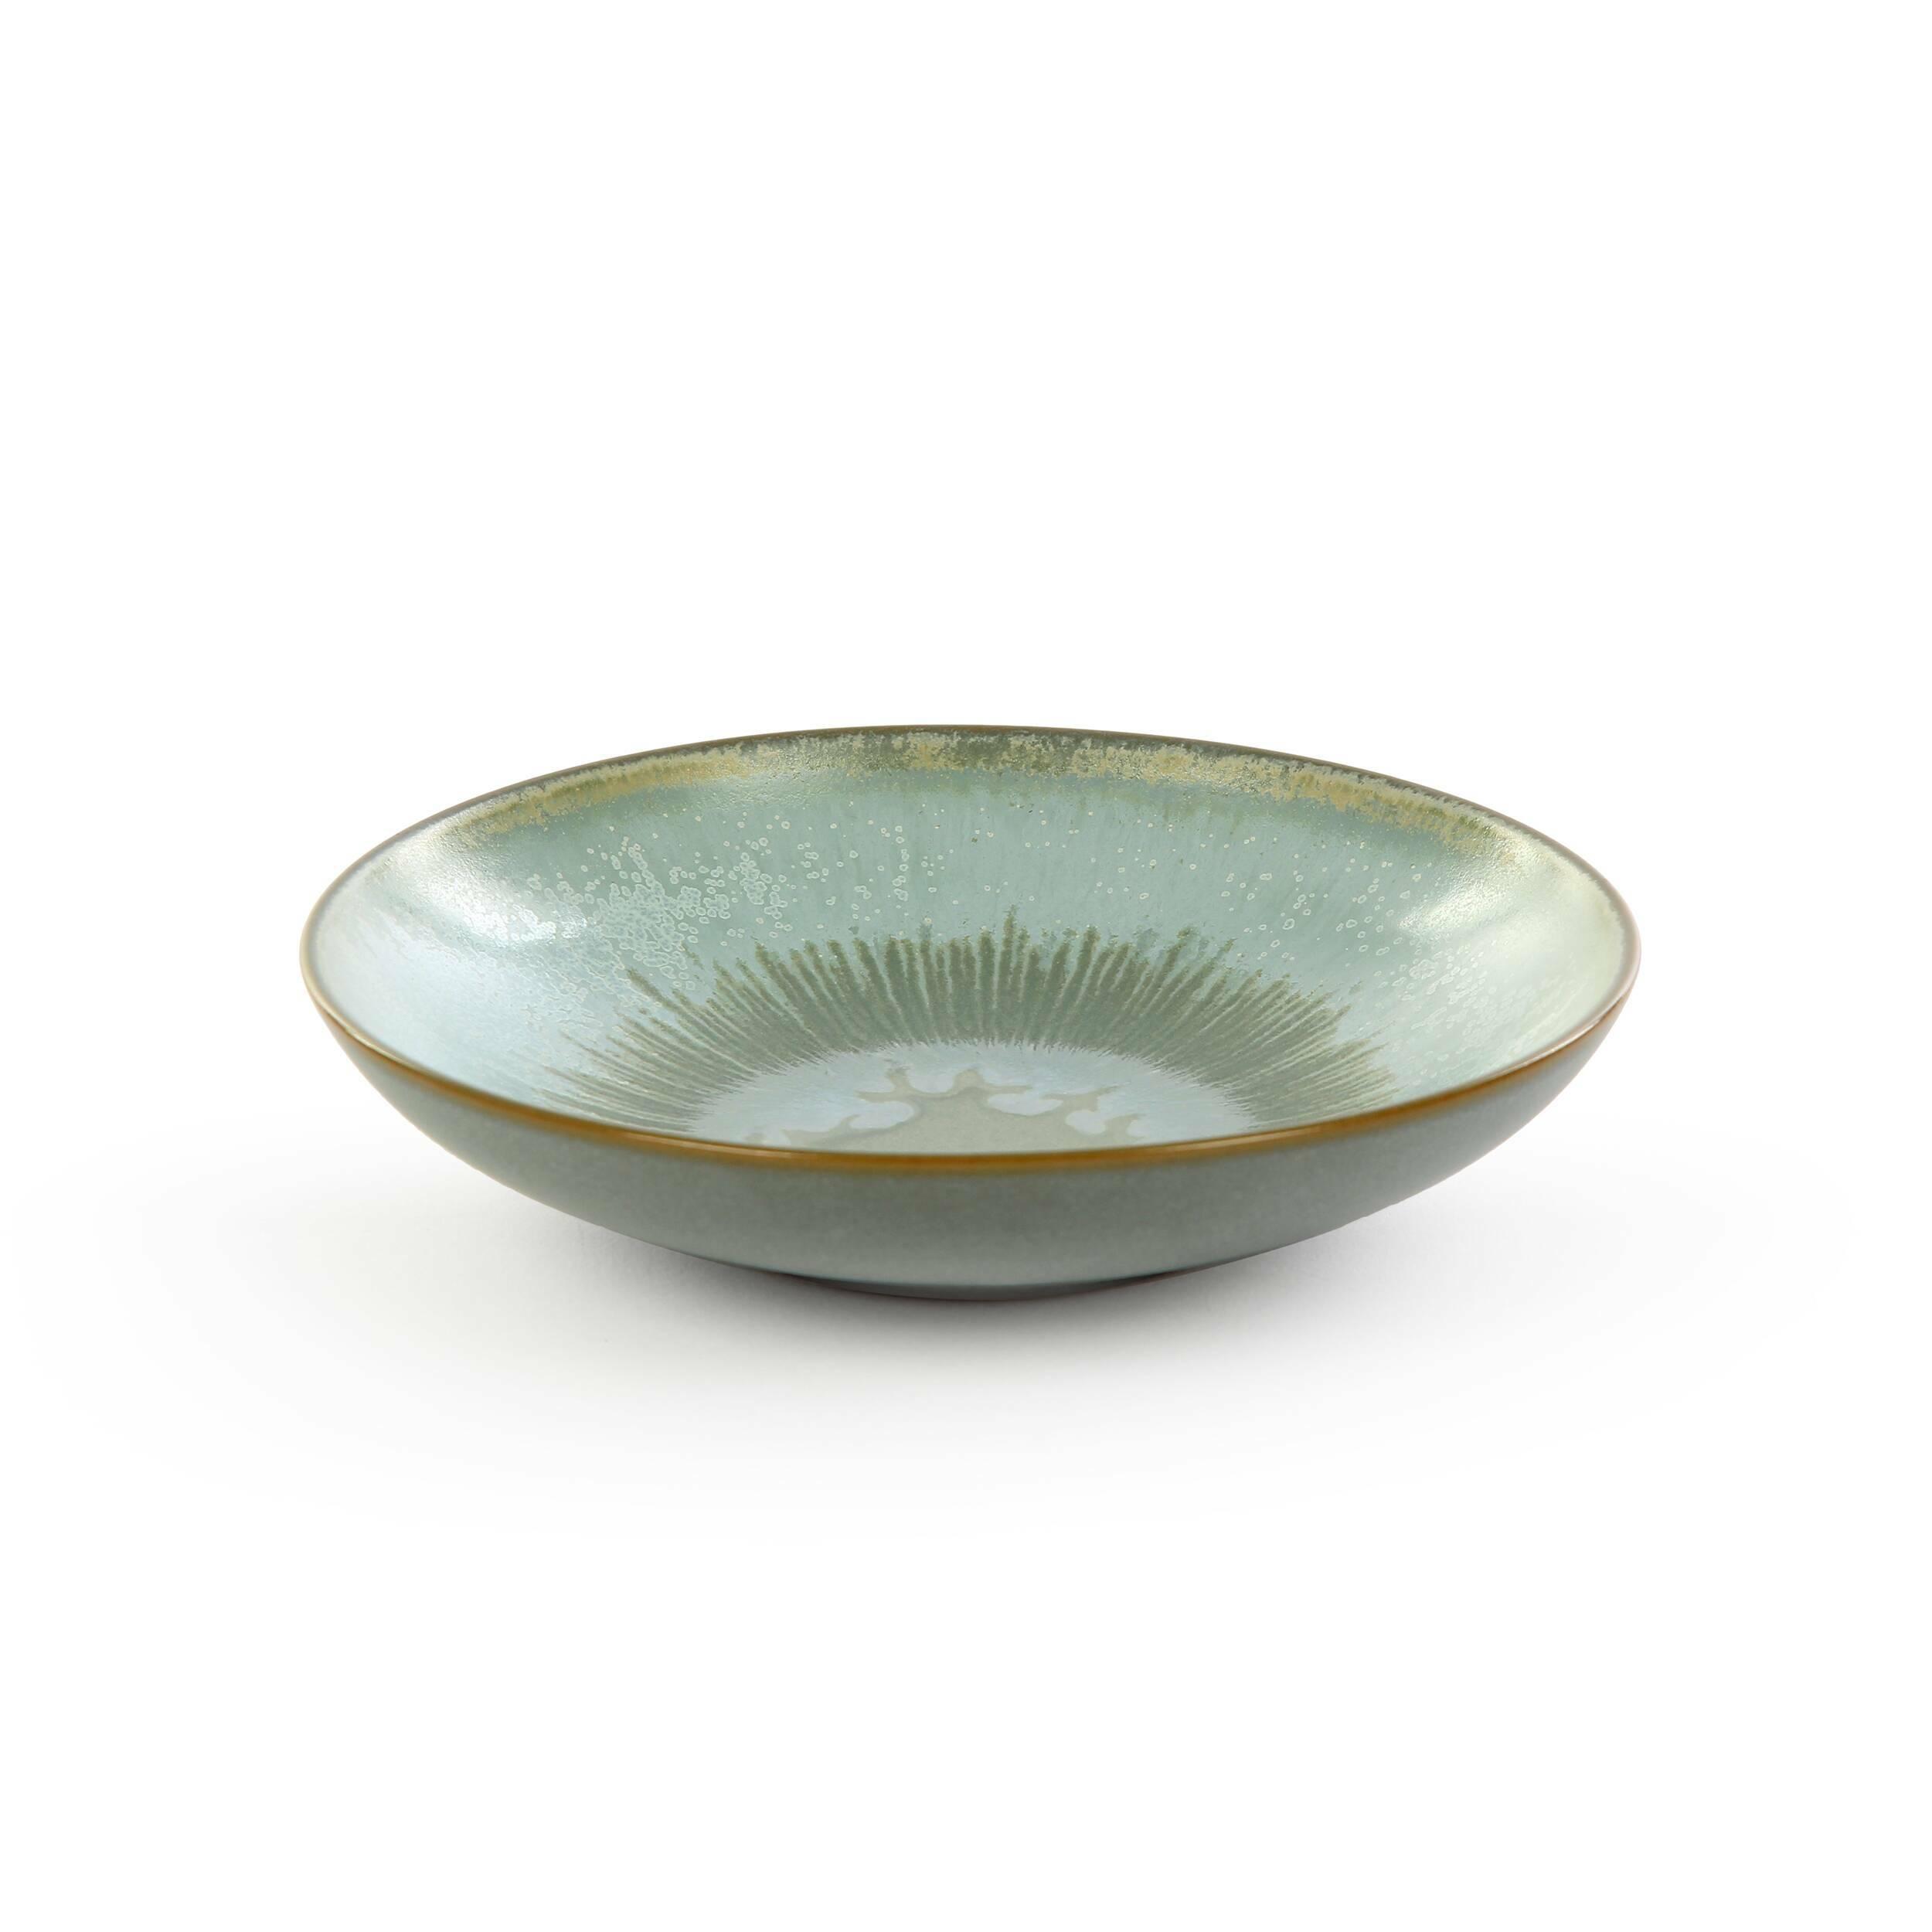 Тарелка Auberge диаметр 16Посуда<br>Посуда в восточном стиле способна преобразить всю обстановку и превратить обычный прием пищи в маленькую церемонию. Коллекция Auberge представляет собой прекрасный набор из посуды, обладающей утонченным дизайном и выполненной в умиротворяющей цветовой гамме.<br><br><br> В коллекцию Auberge входят сосуды самого разного назначения – тарелки для супа, для салата, емкости для соусов и даже кувшины. Особое значение создатели придали материалу, из которого изготавливается набор, это экологически чис...<br><br>stock: 60<br>Высота: 3<br>Материал: Глина<br>Цвет: Зелёный<br>Диаметр: 16